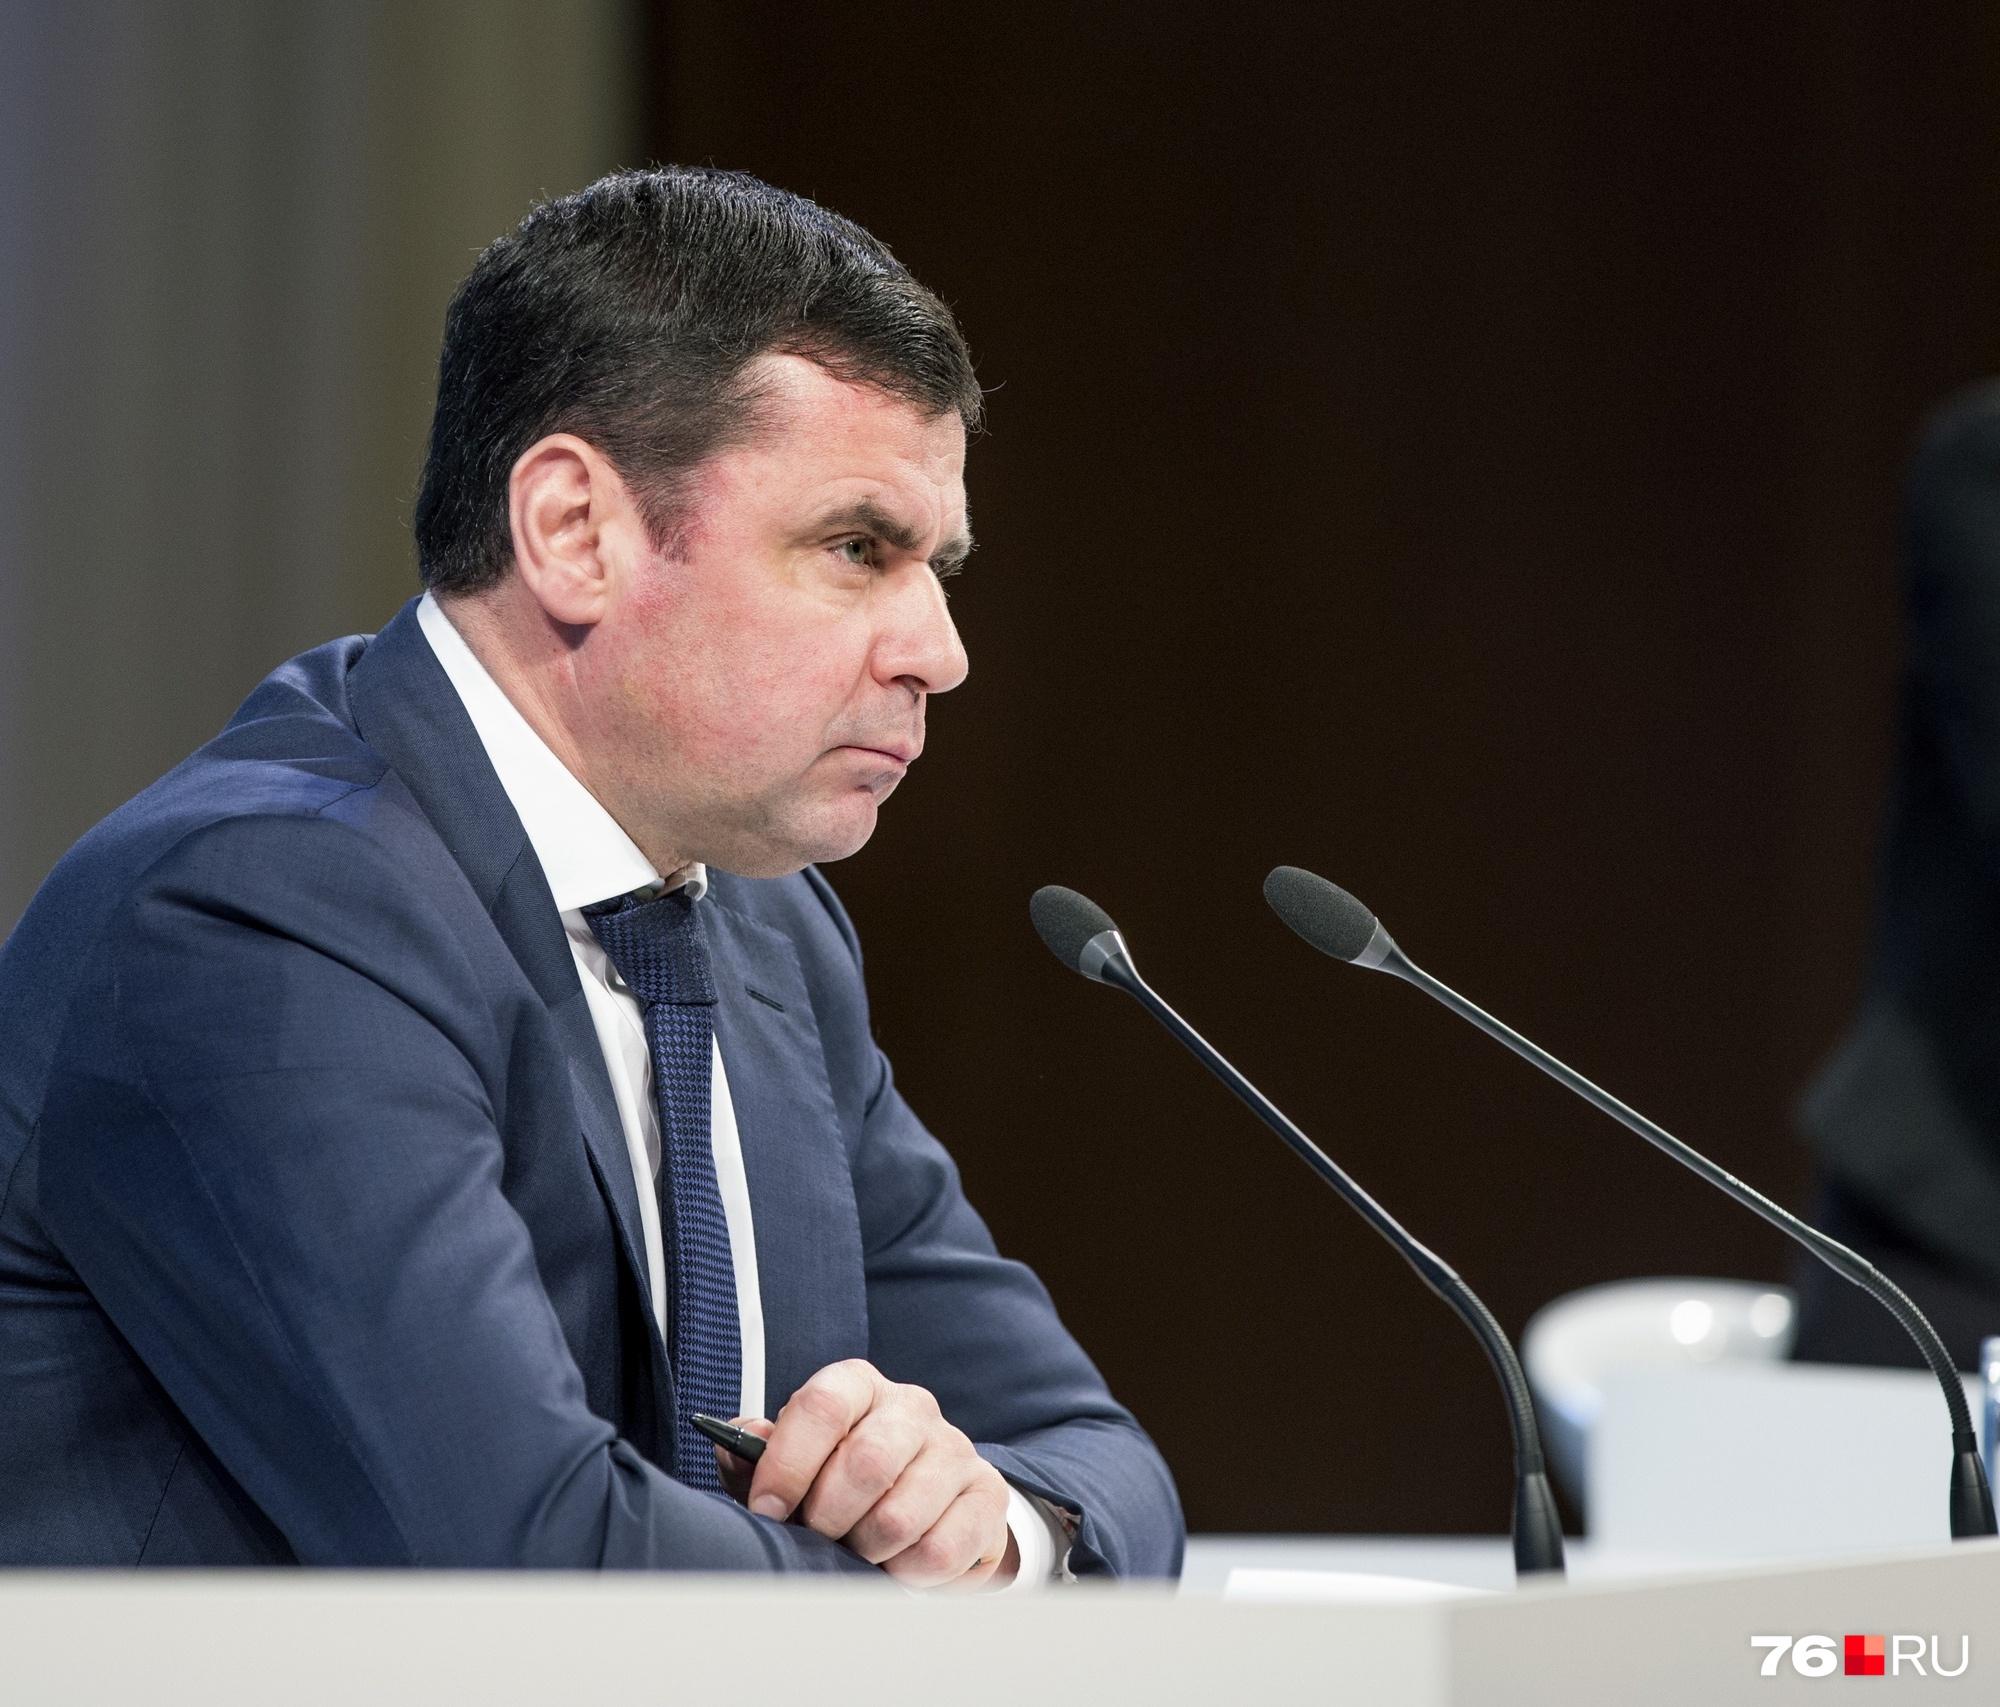 Дмитрий Миронов сообщил, что в регионе включается режим экономии областного бюдж